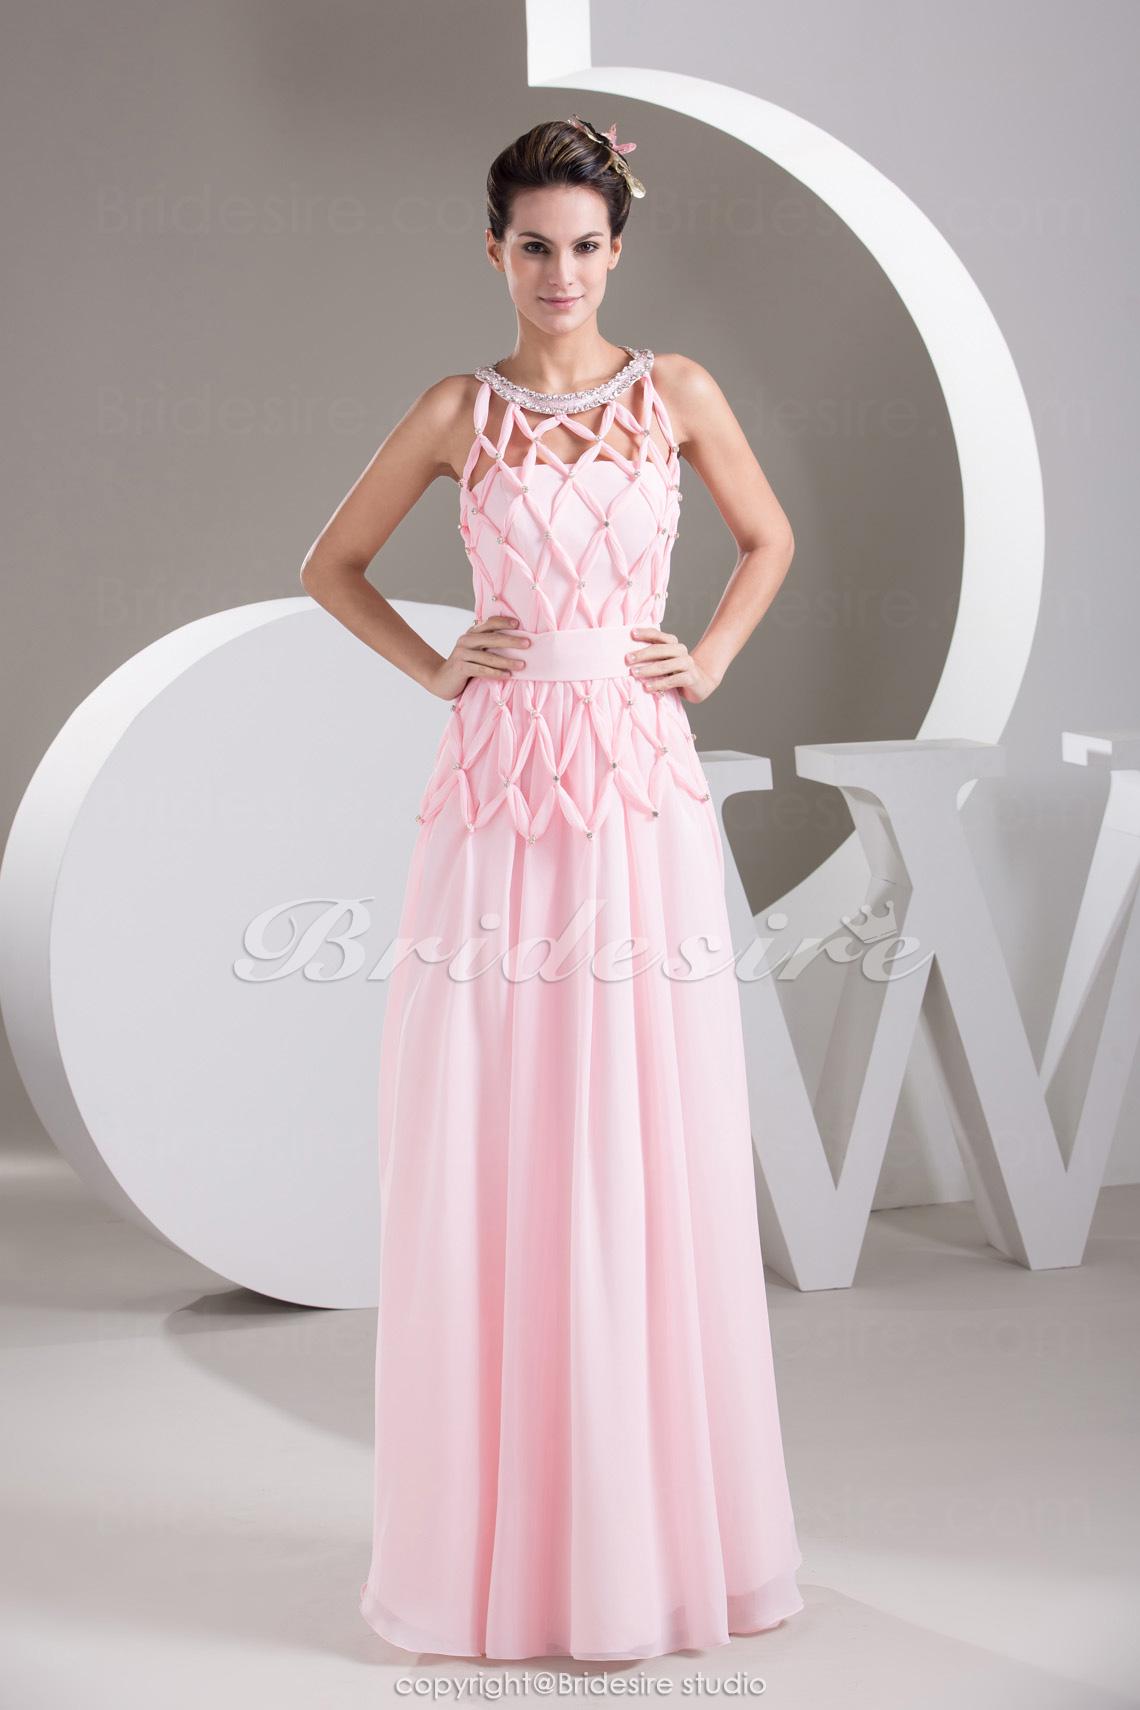 dc0018450 Bridesire - Corte Recto Escote A la Base Hasta el Suelo Sin Mangas Gasa  Vestido  BD4838  - €110.48   Bridesire